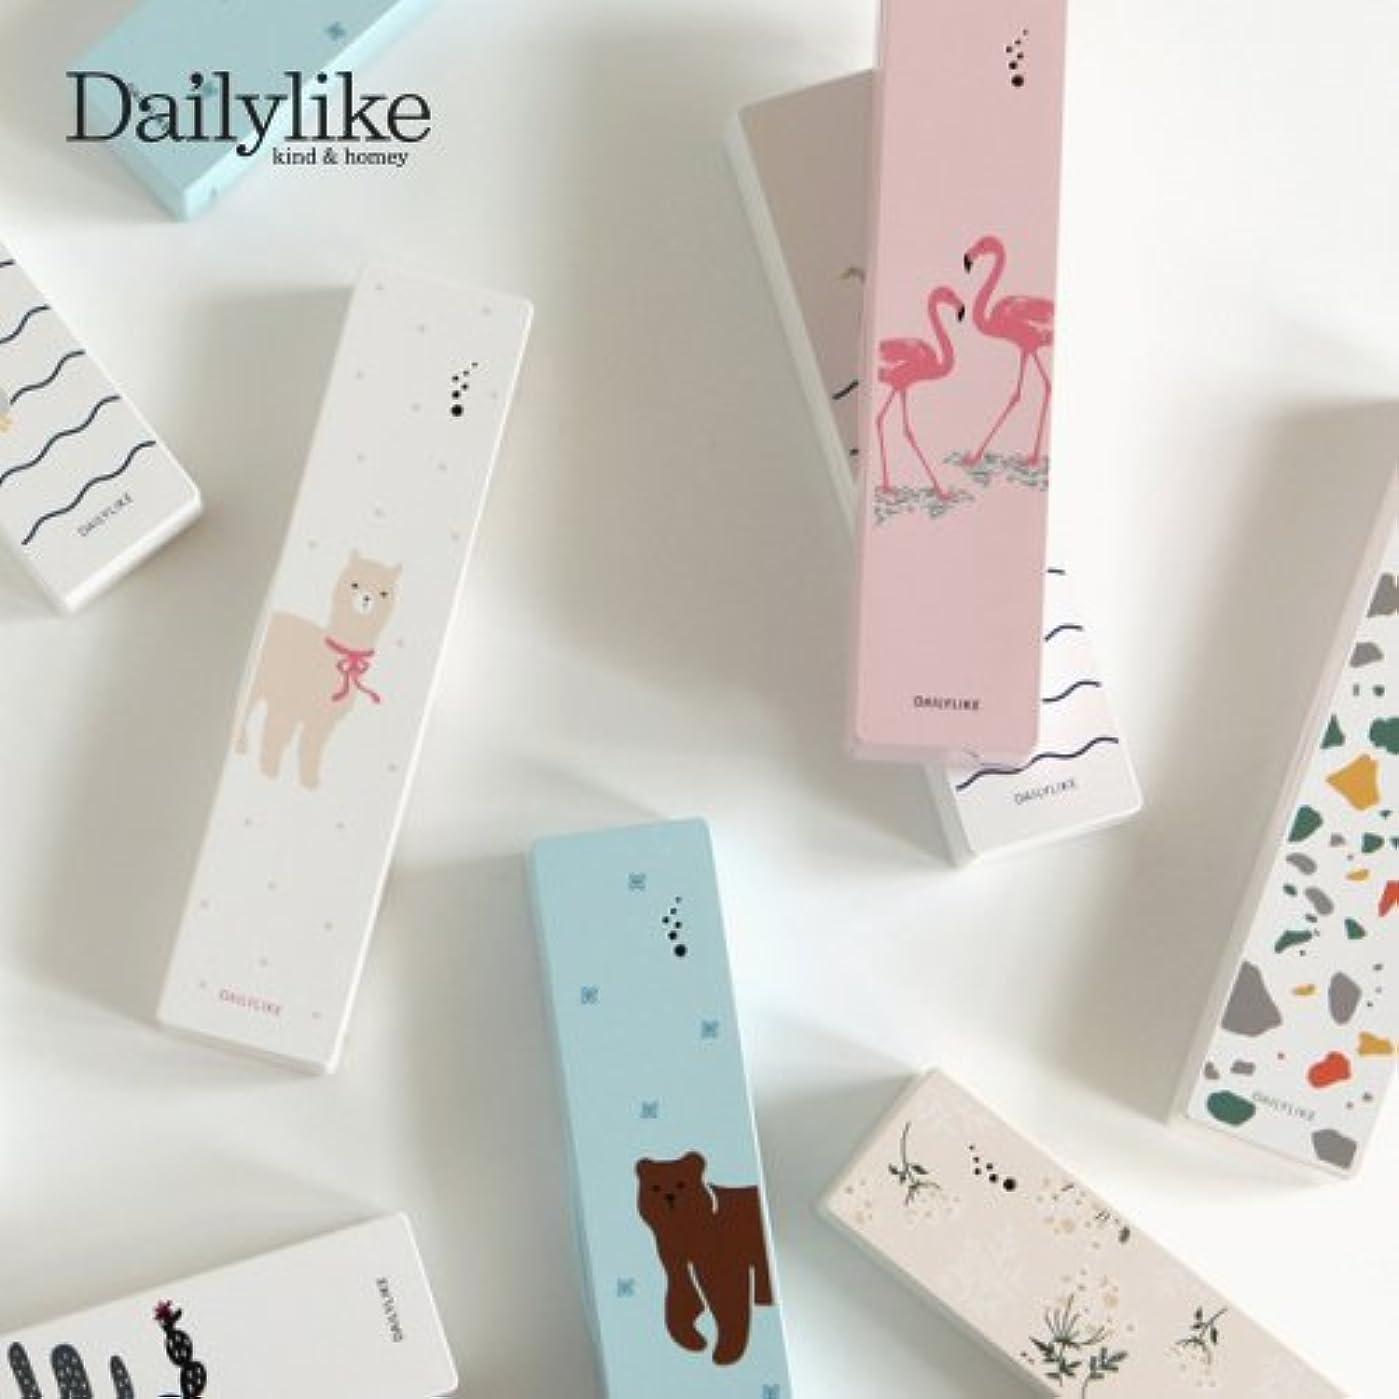 回想爆発物ストロー【Dailylike】携帯用歯ブラシ除菌器(Portable Toothbrush Sterilizer) (Lace flower)